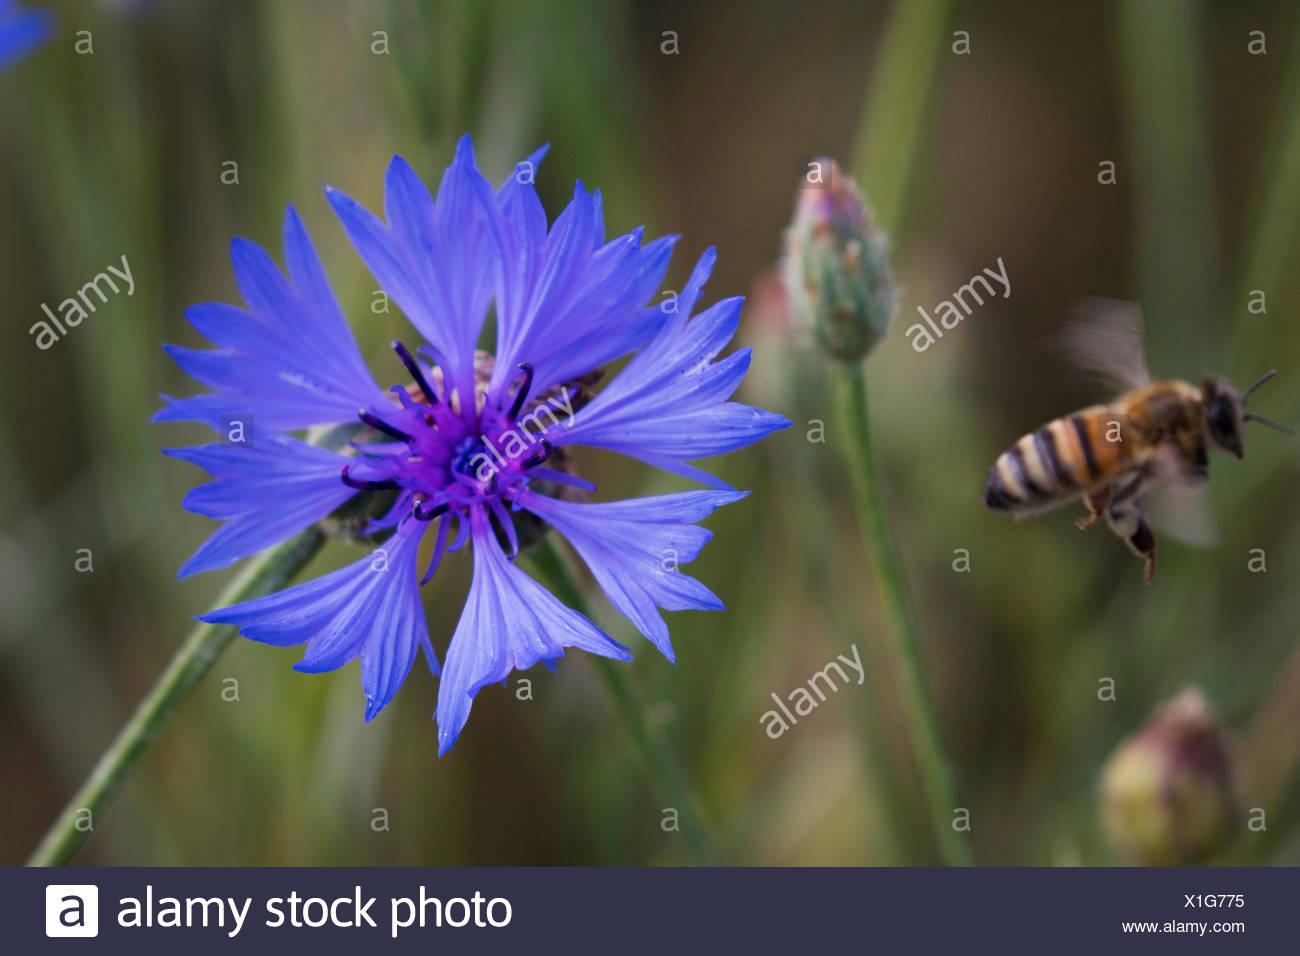 Kornblume (Centaurea cyanus), Bluete mit abfliegender Honigbiene, Deutschland, Bayern   bachelor's button, bluebottle, cornflowe - Stock Image